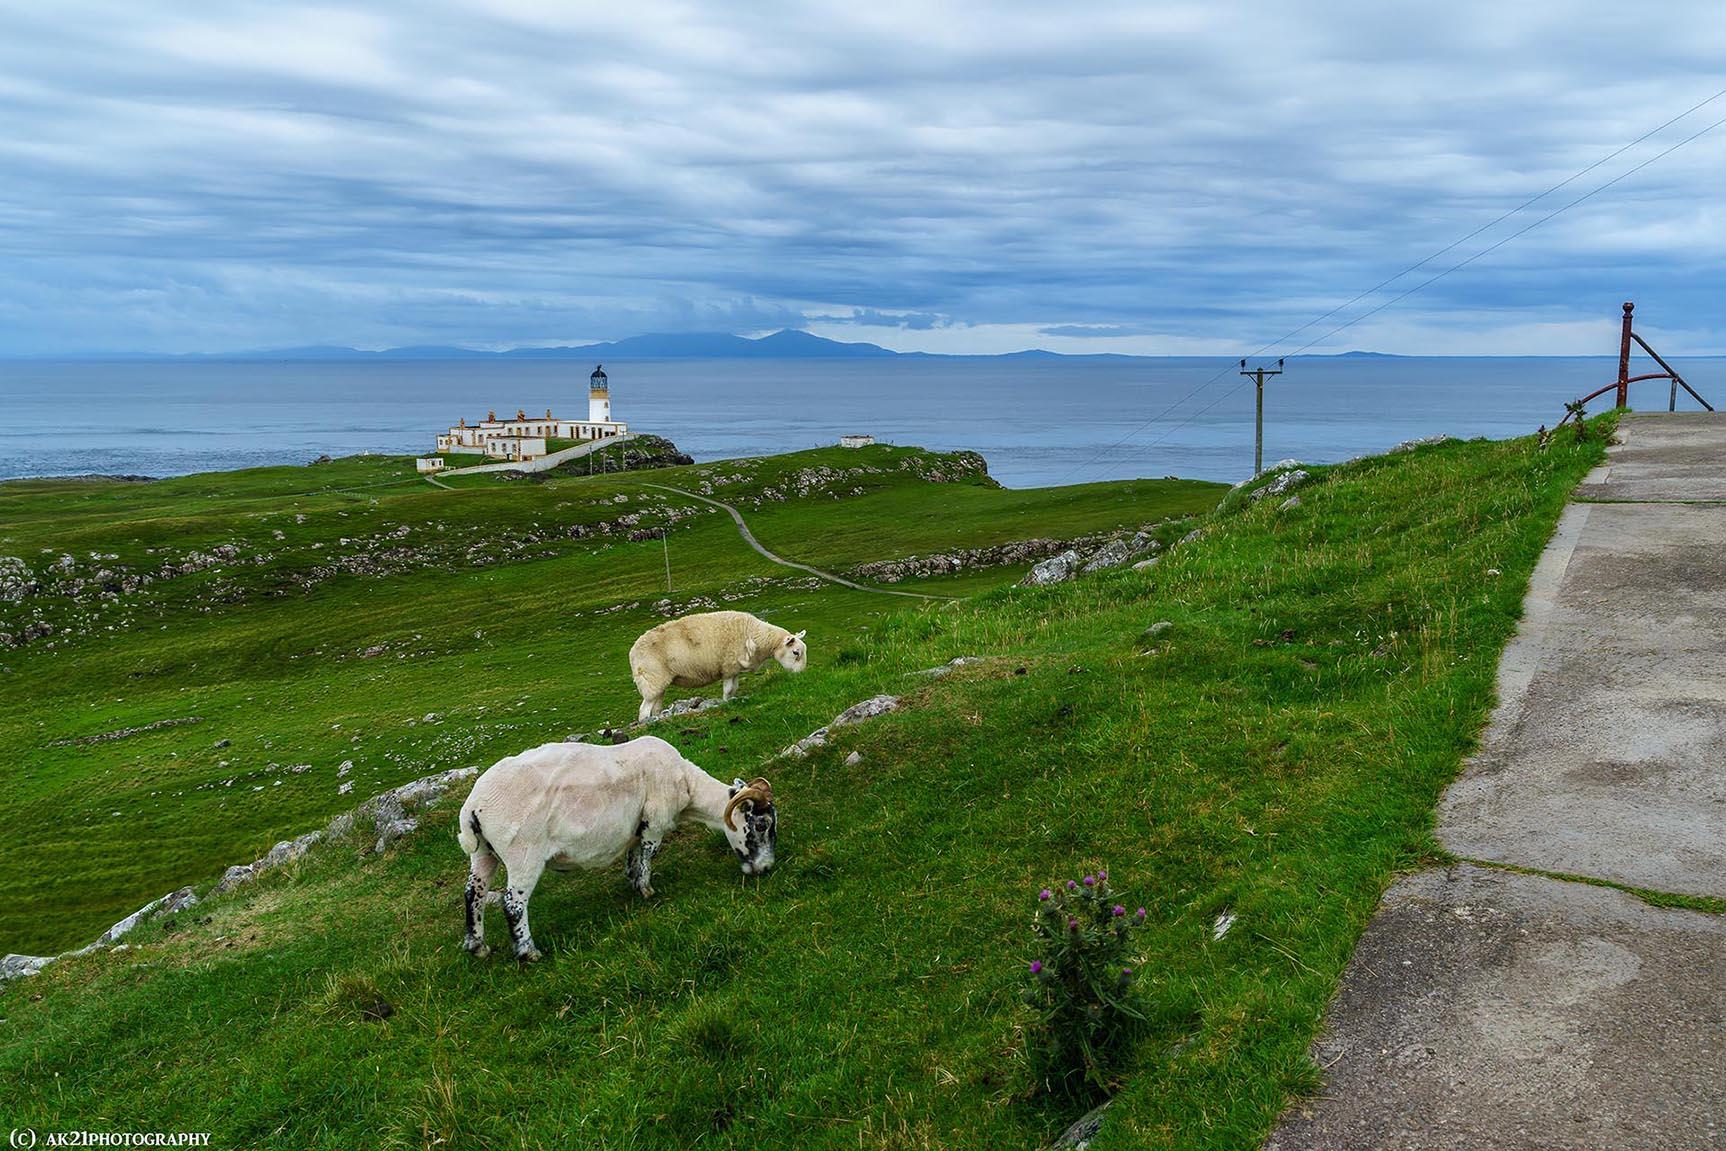 Esquivando obstáculos en Escocia